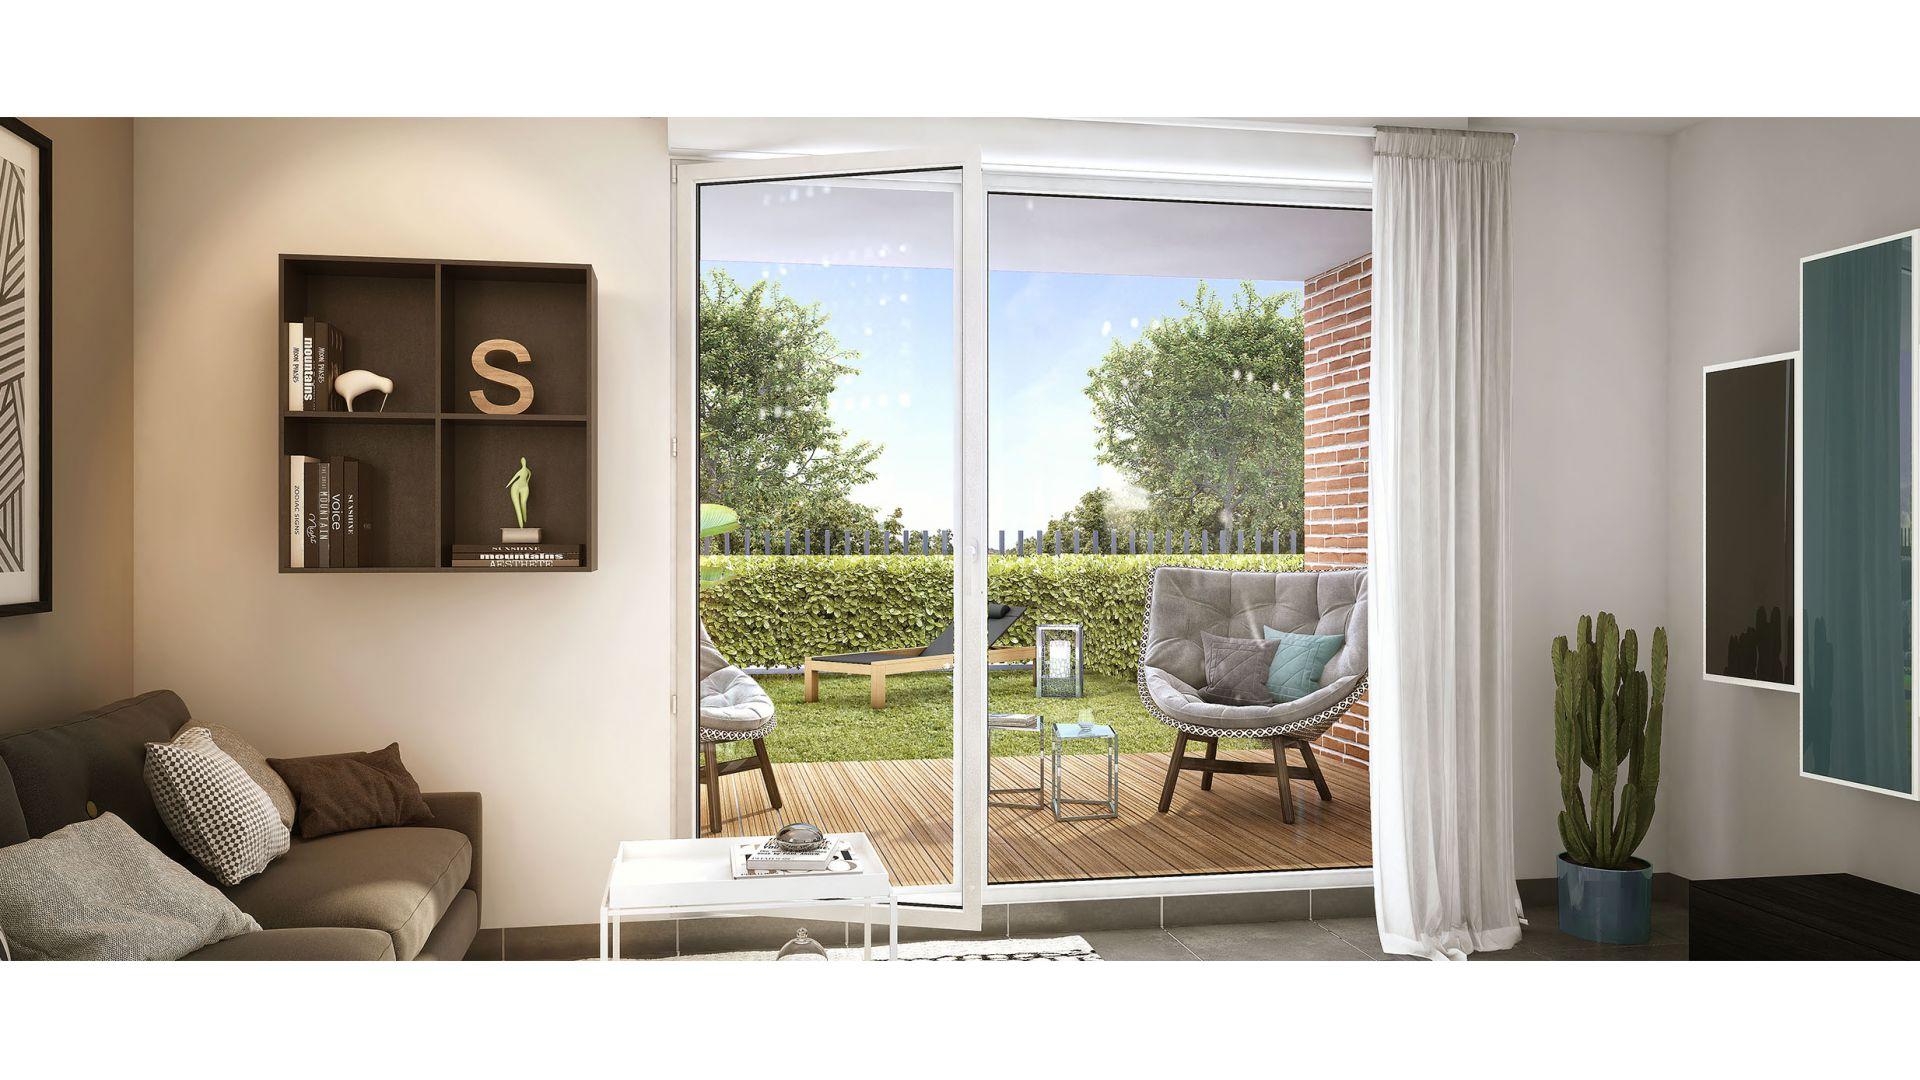 Greencity immobilier - Val Flora - Saint-Alban - 31140 - appartement neuf du T2 au T4 - vue terrasse